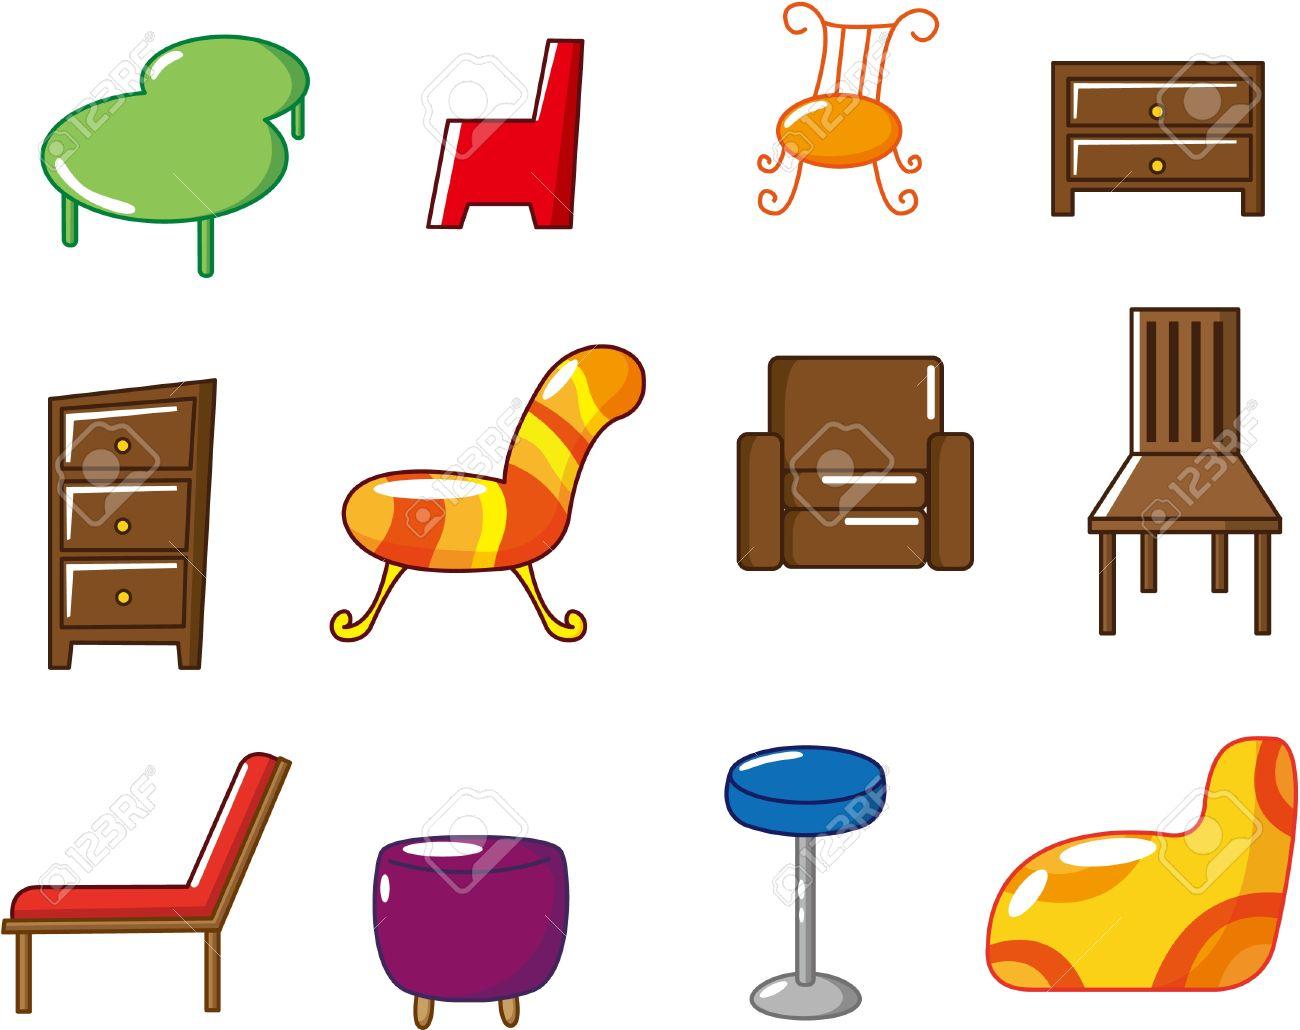 icono de muebles de dibujos animados ilustraciones vectoriales ... - Dibujo De Muebles